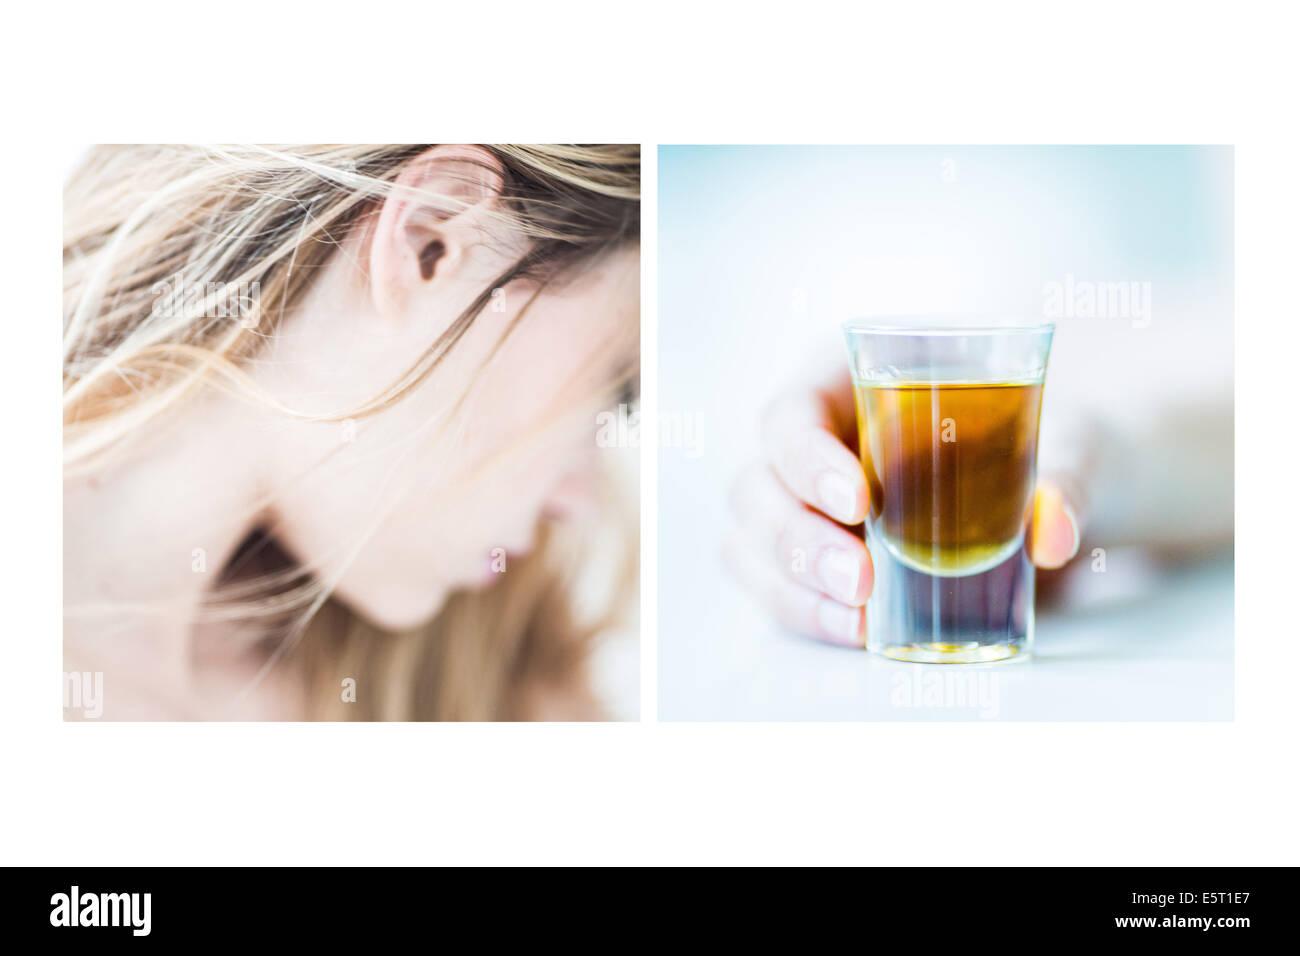 Concetto di donna di alcolismo. Immagini Stock